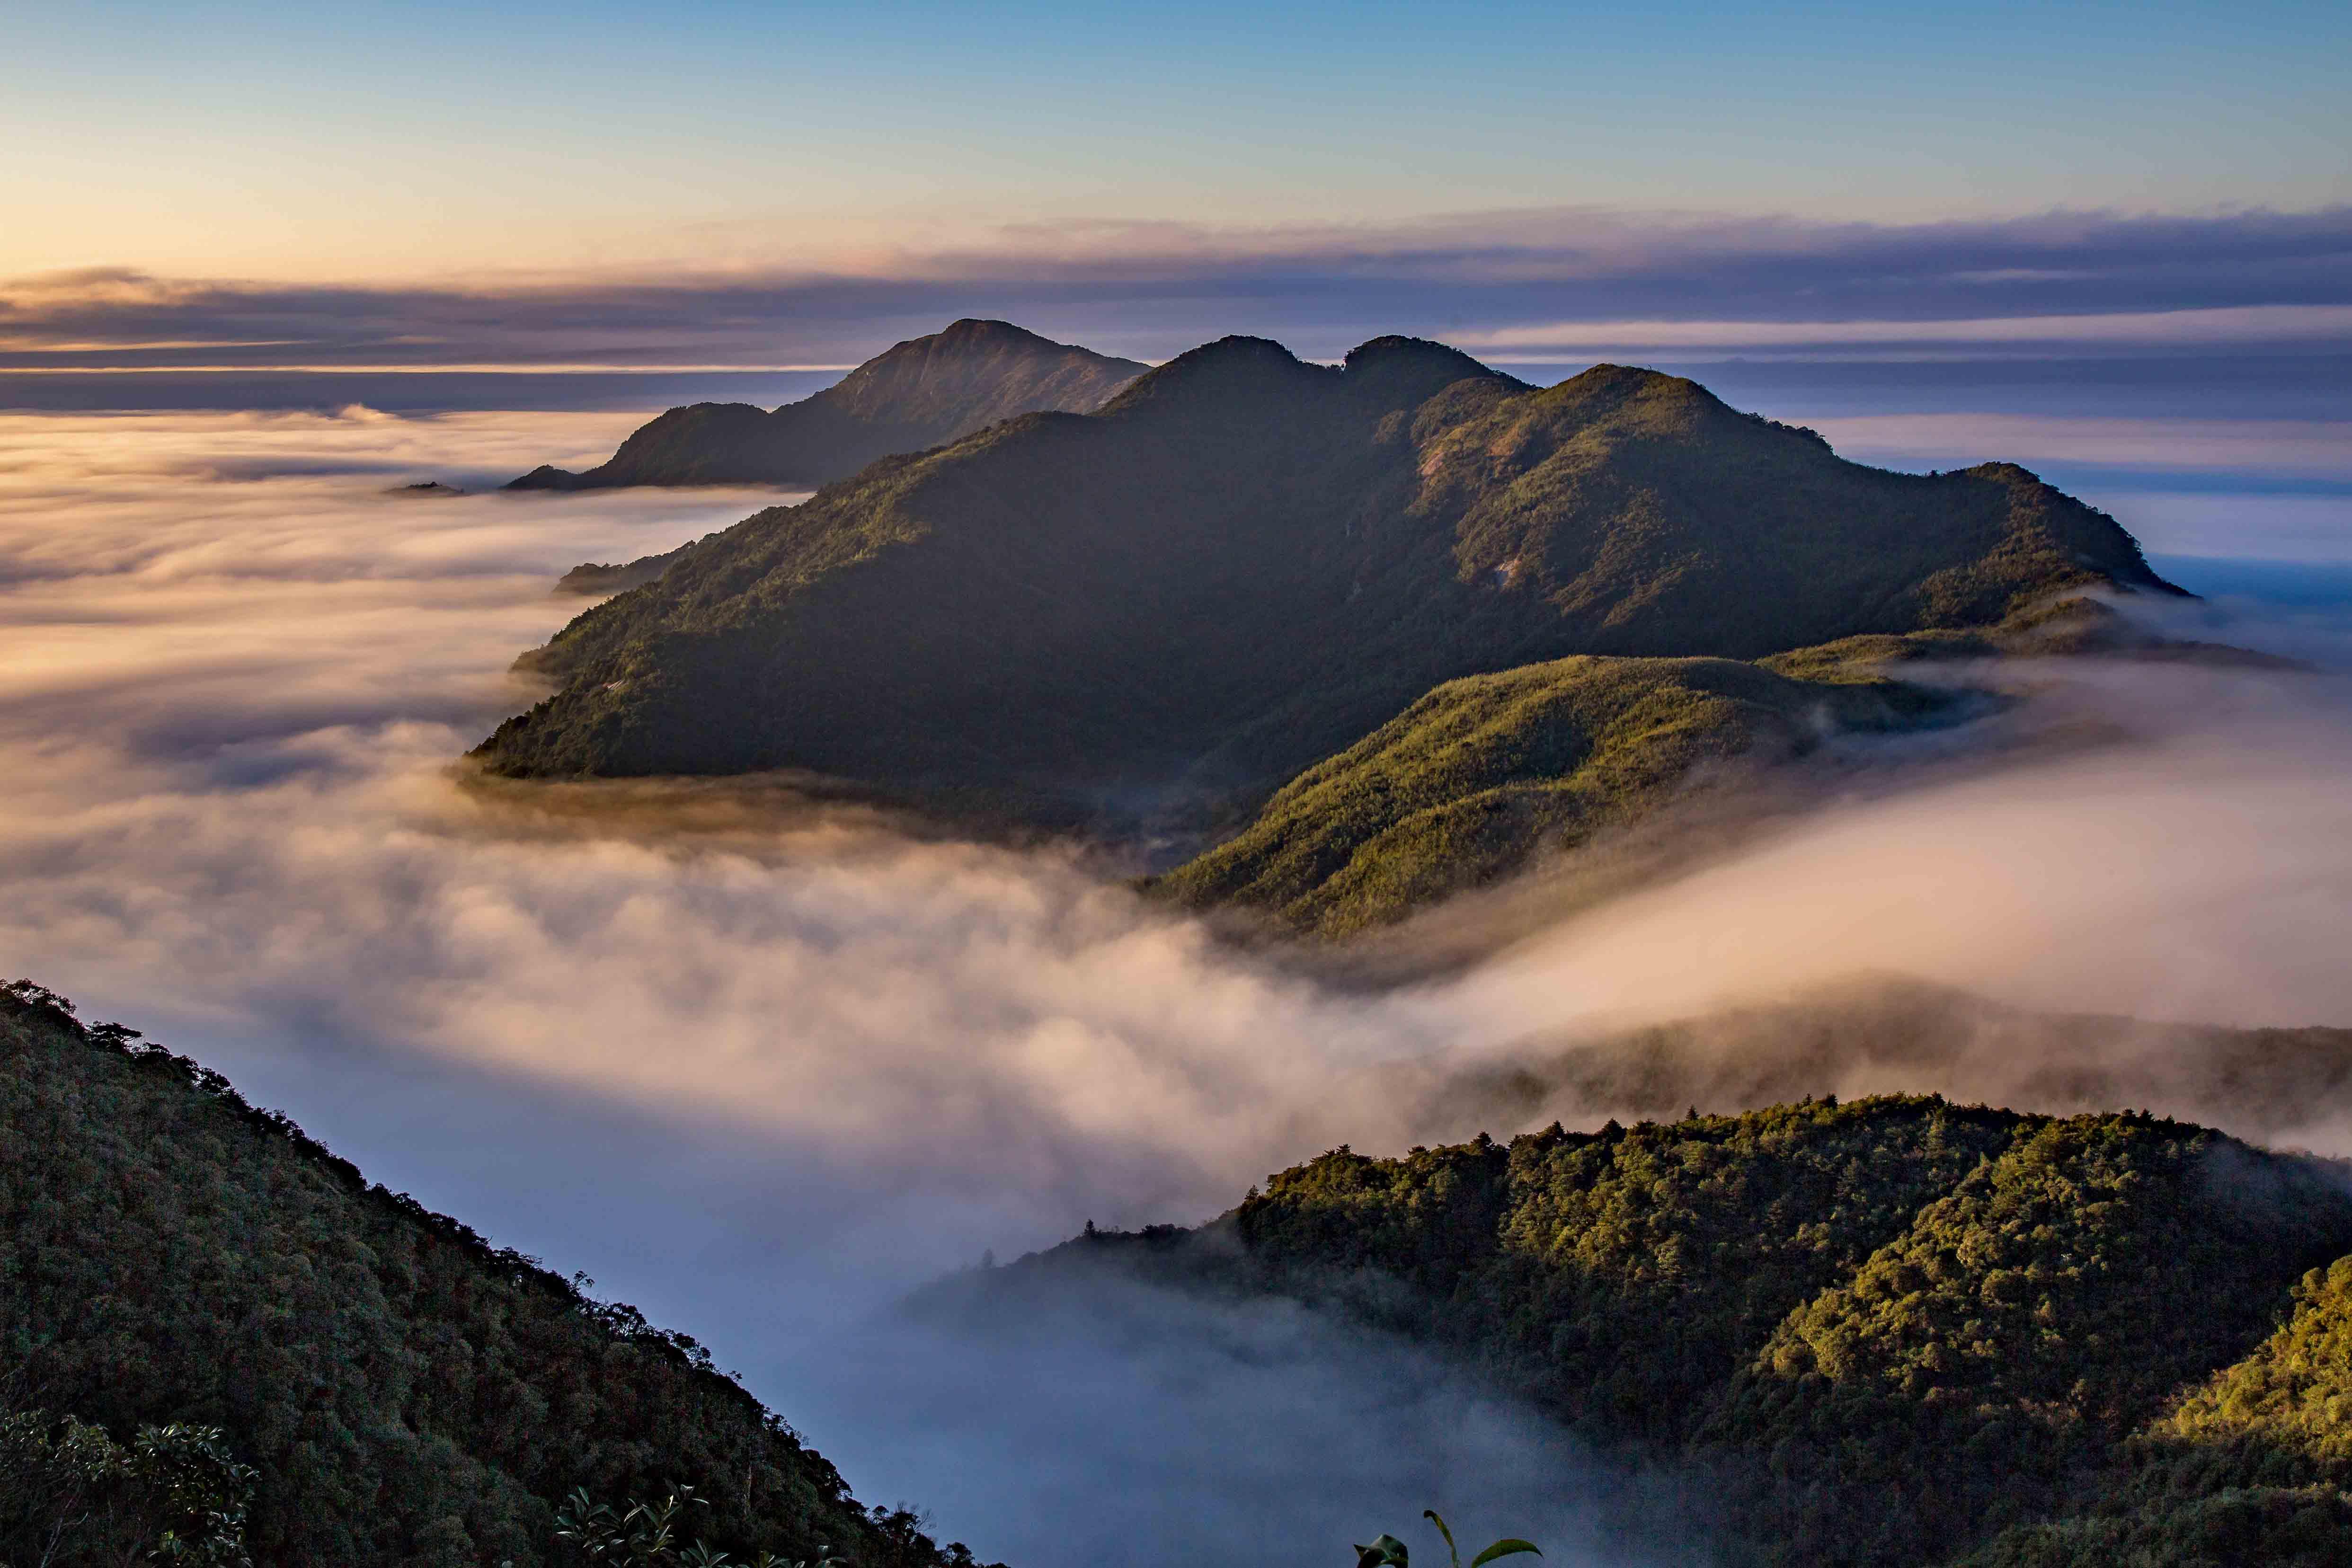 2017年11月拍摄于莽山天台山风景区